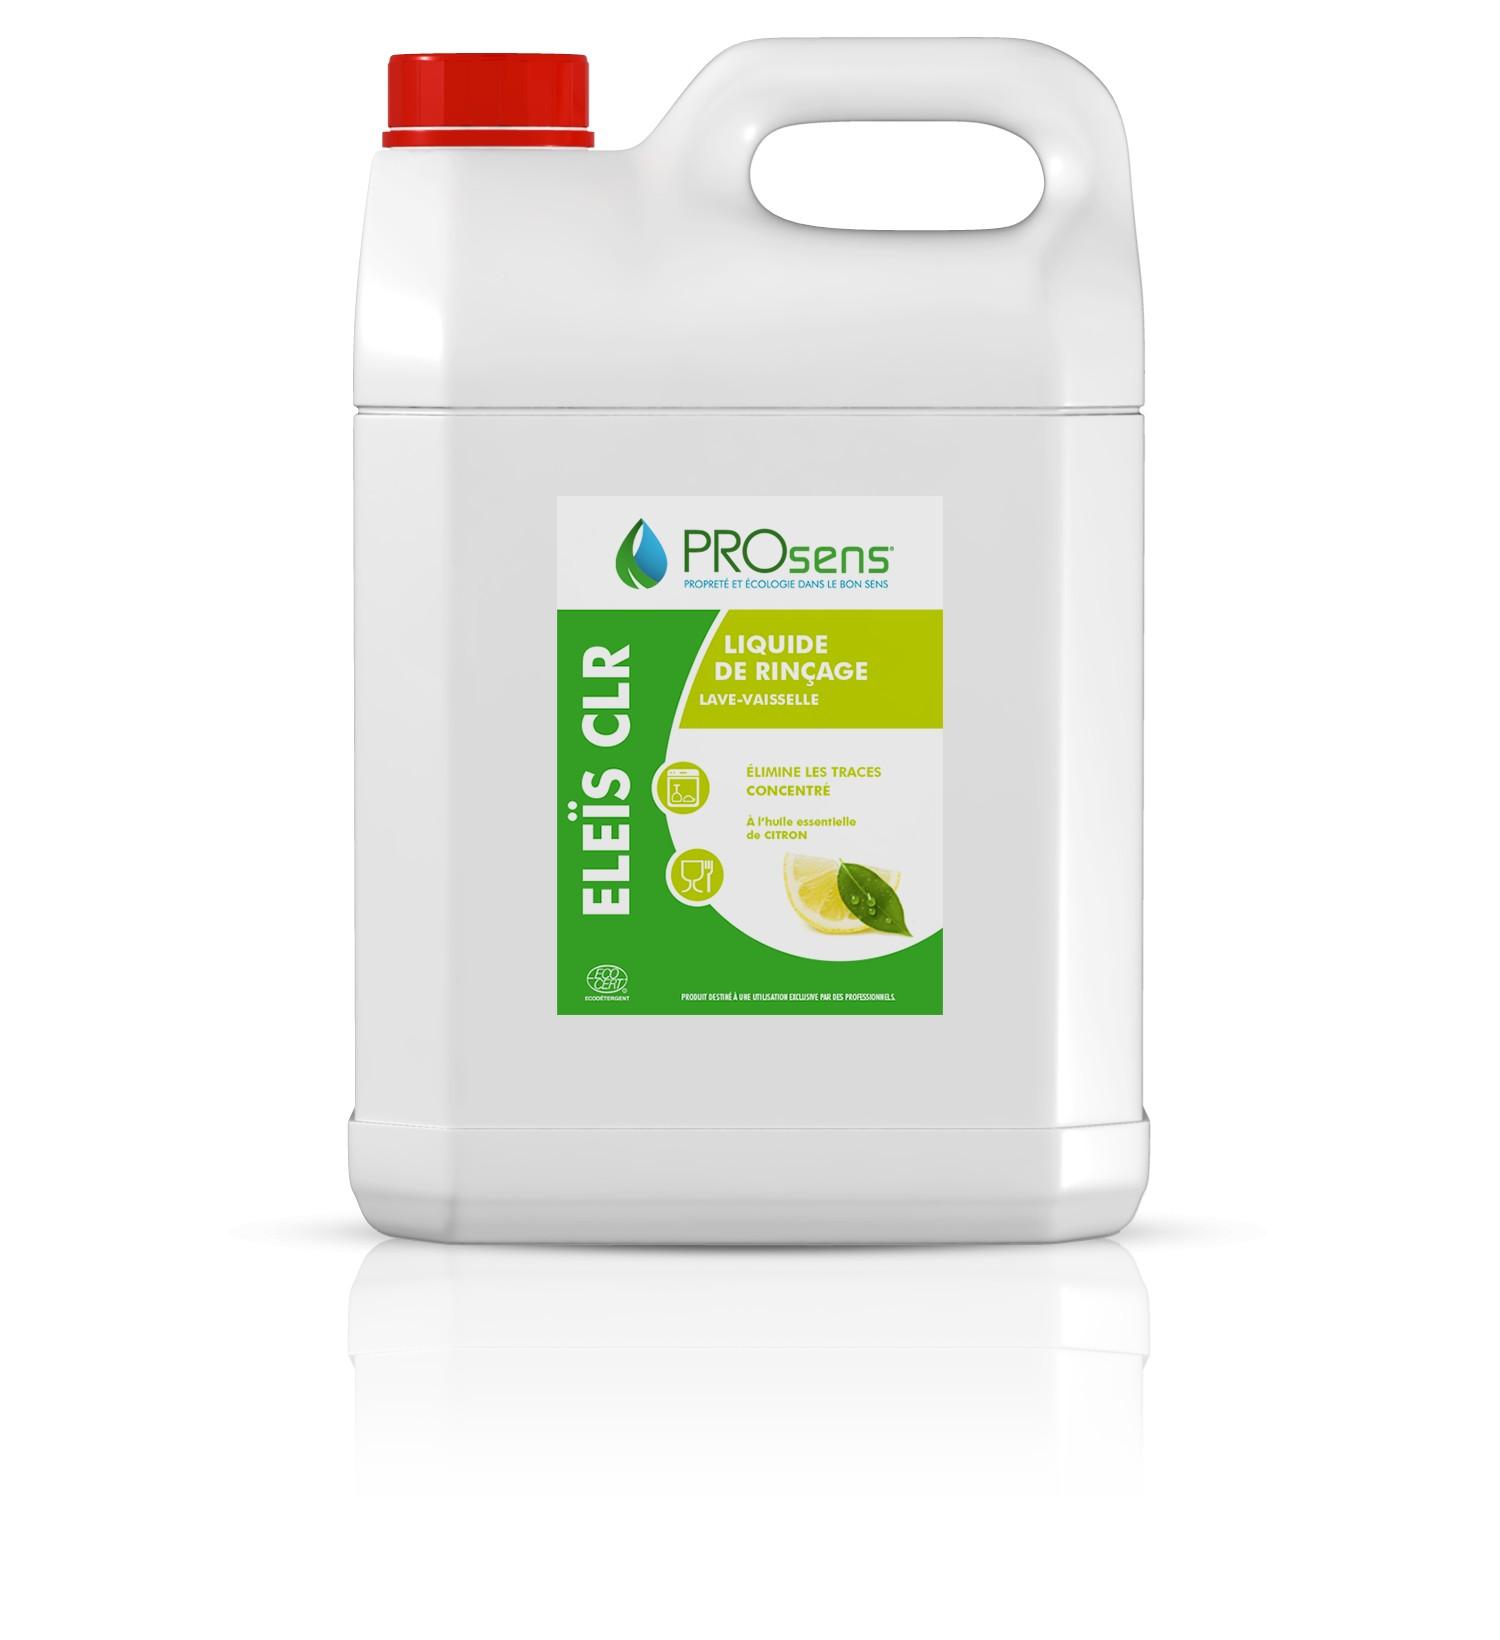 liquide de rinçage écologique pour lave vaisselle eleïs clr - sodisgro